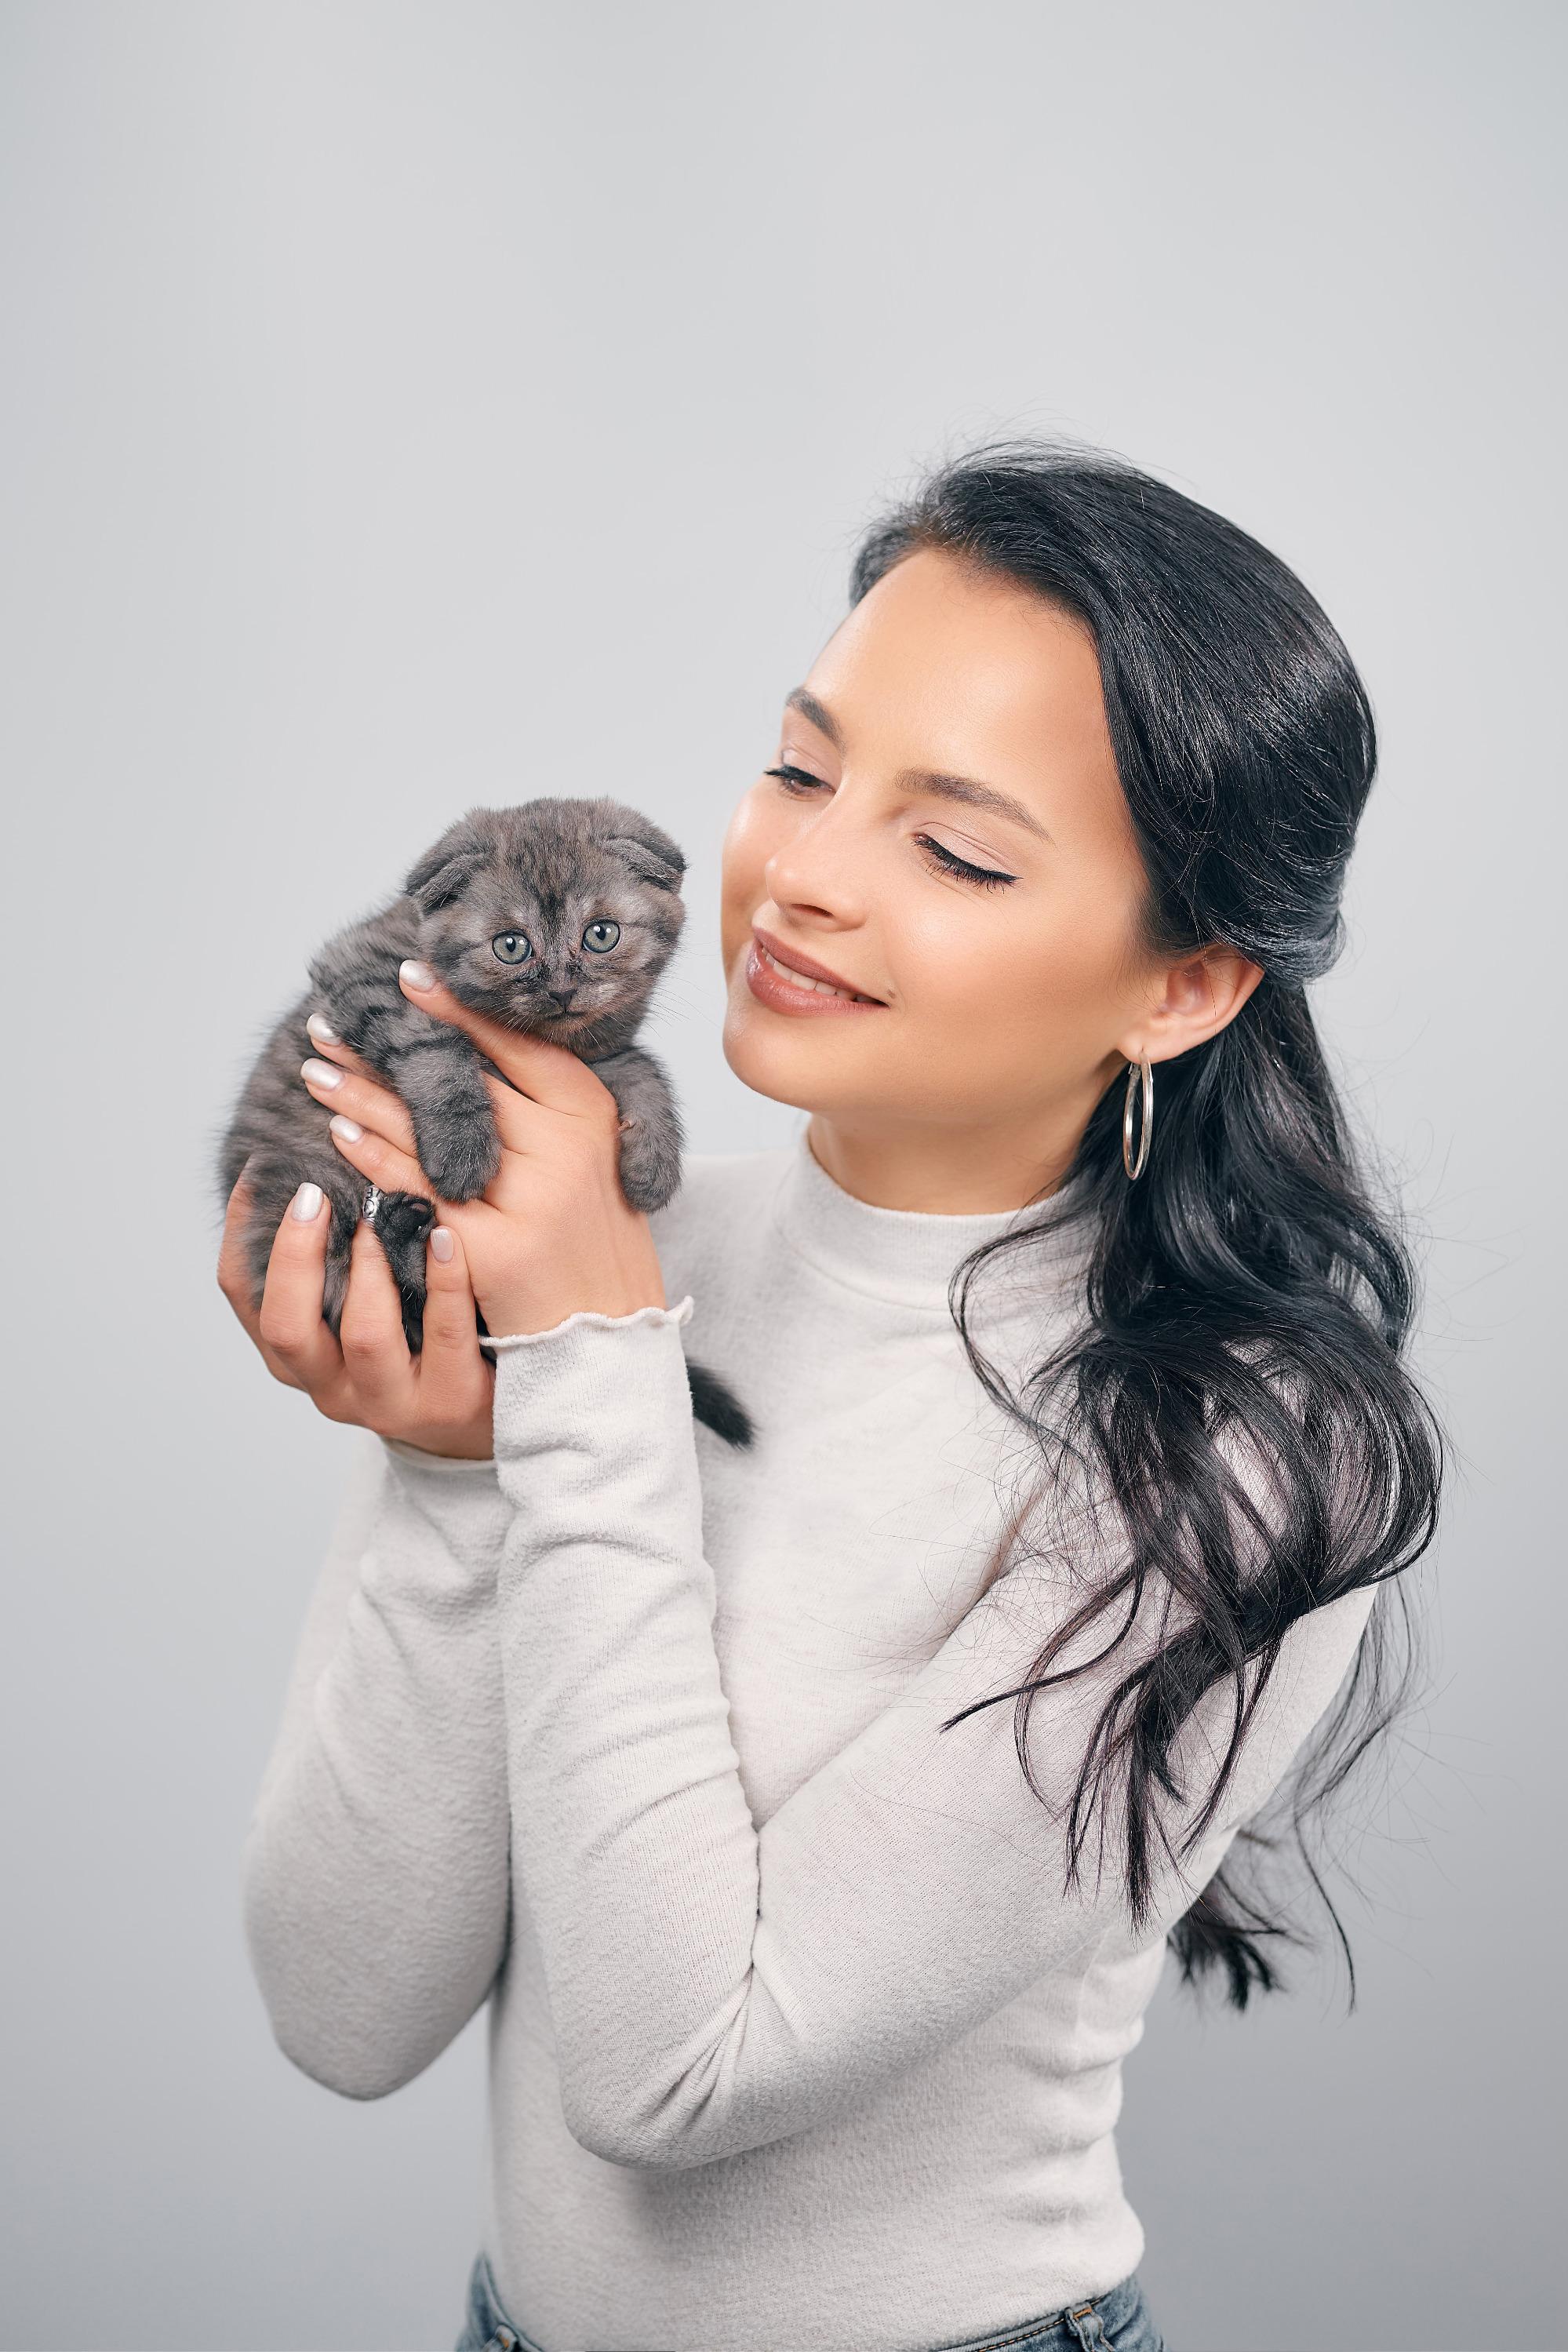 Елена Белобородова с котенком. Ему чуть больше месяца.Имени у него пока нет. Мать отказалась его кормить, а потому котенка выходила другаякошка